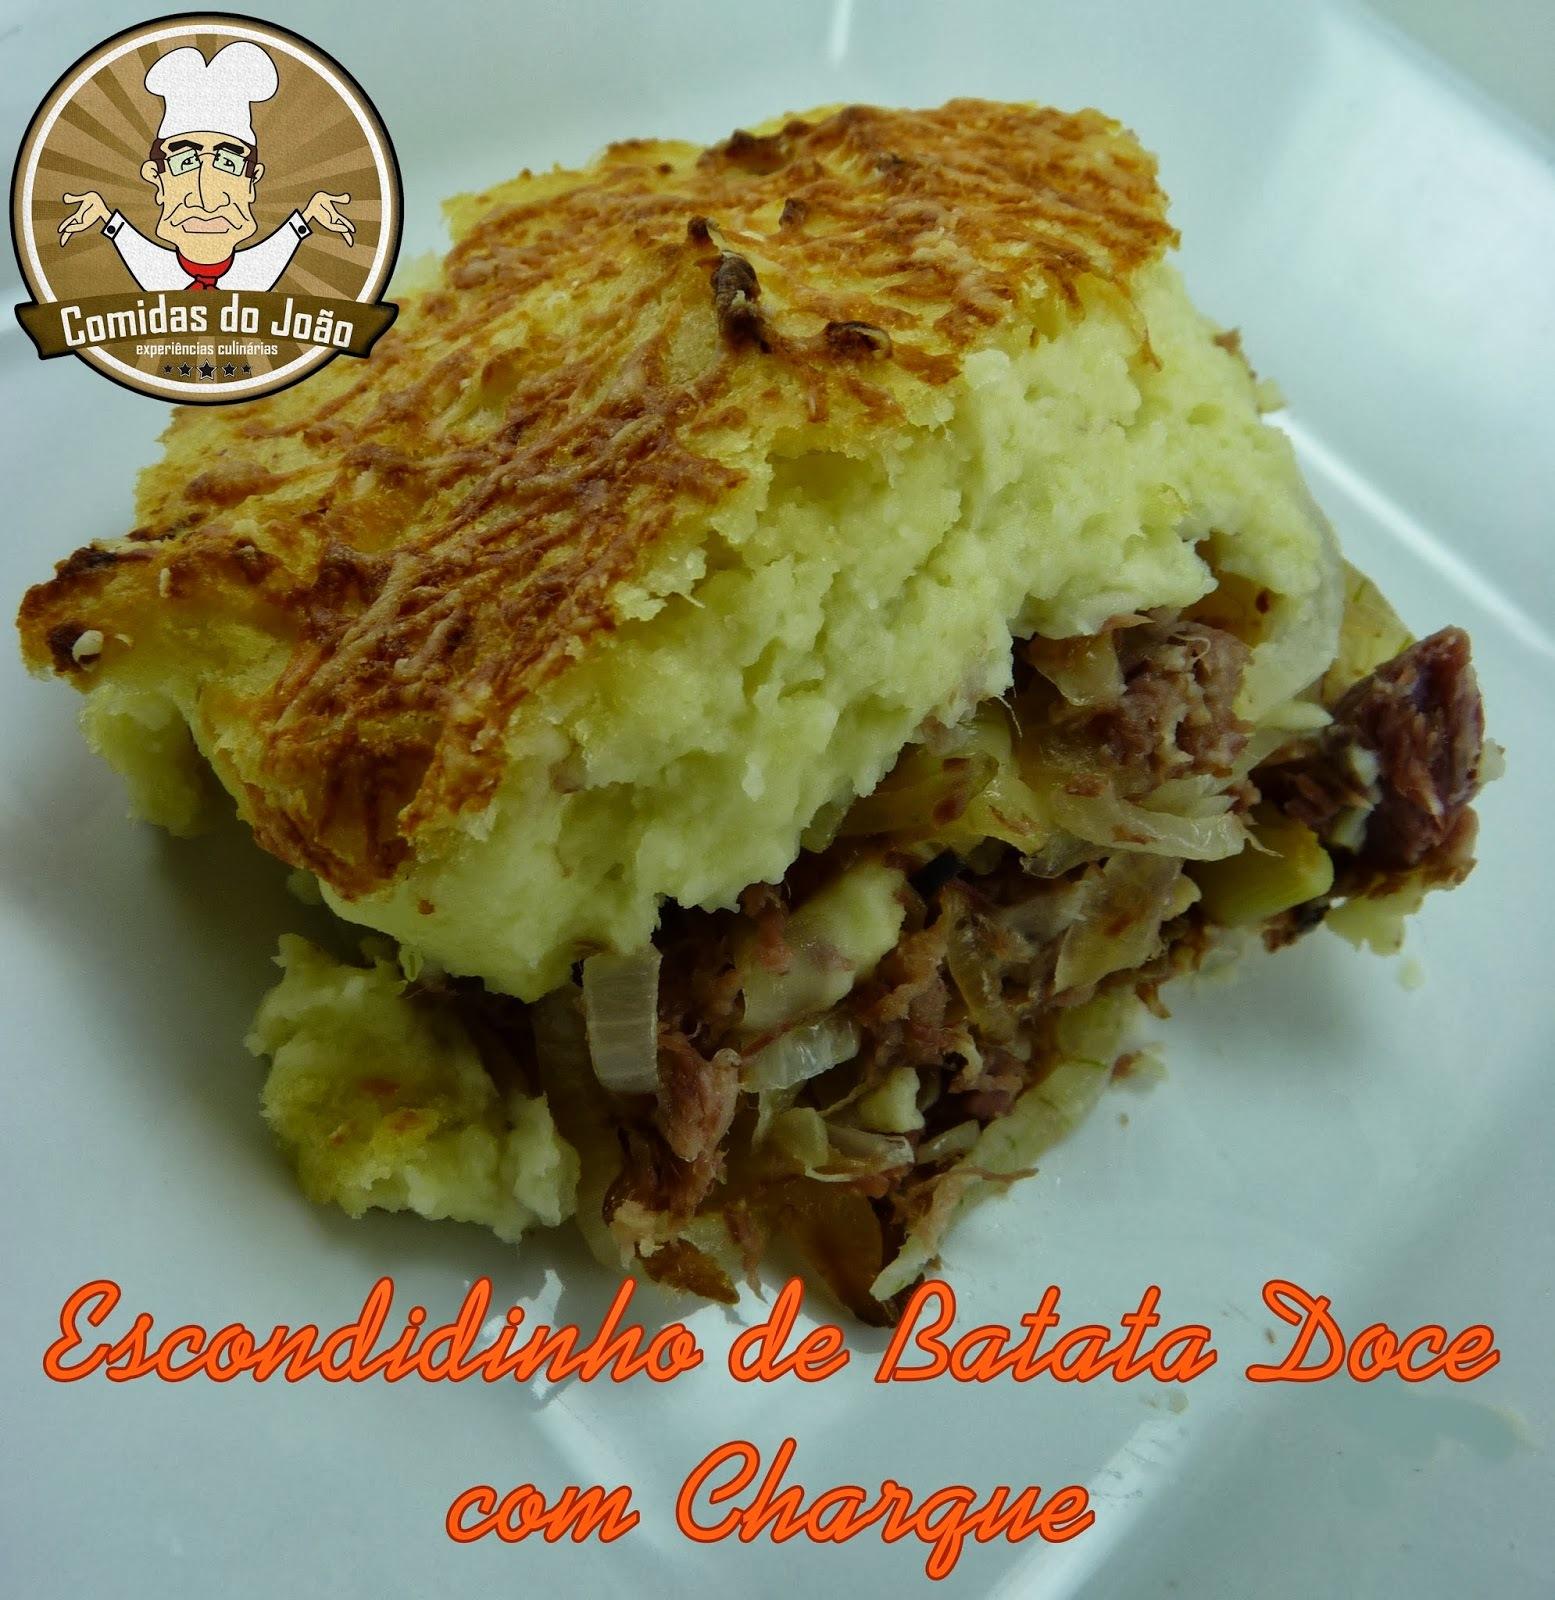 ESCONDIDINHO DE BATATA DOCE COM CHARQUE + BONUS